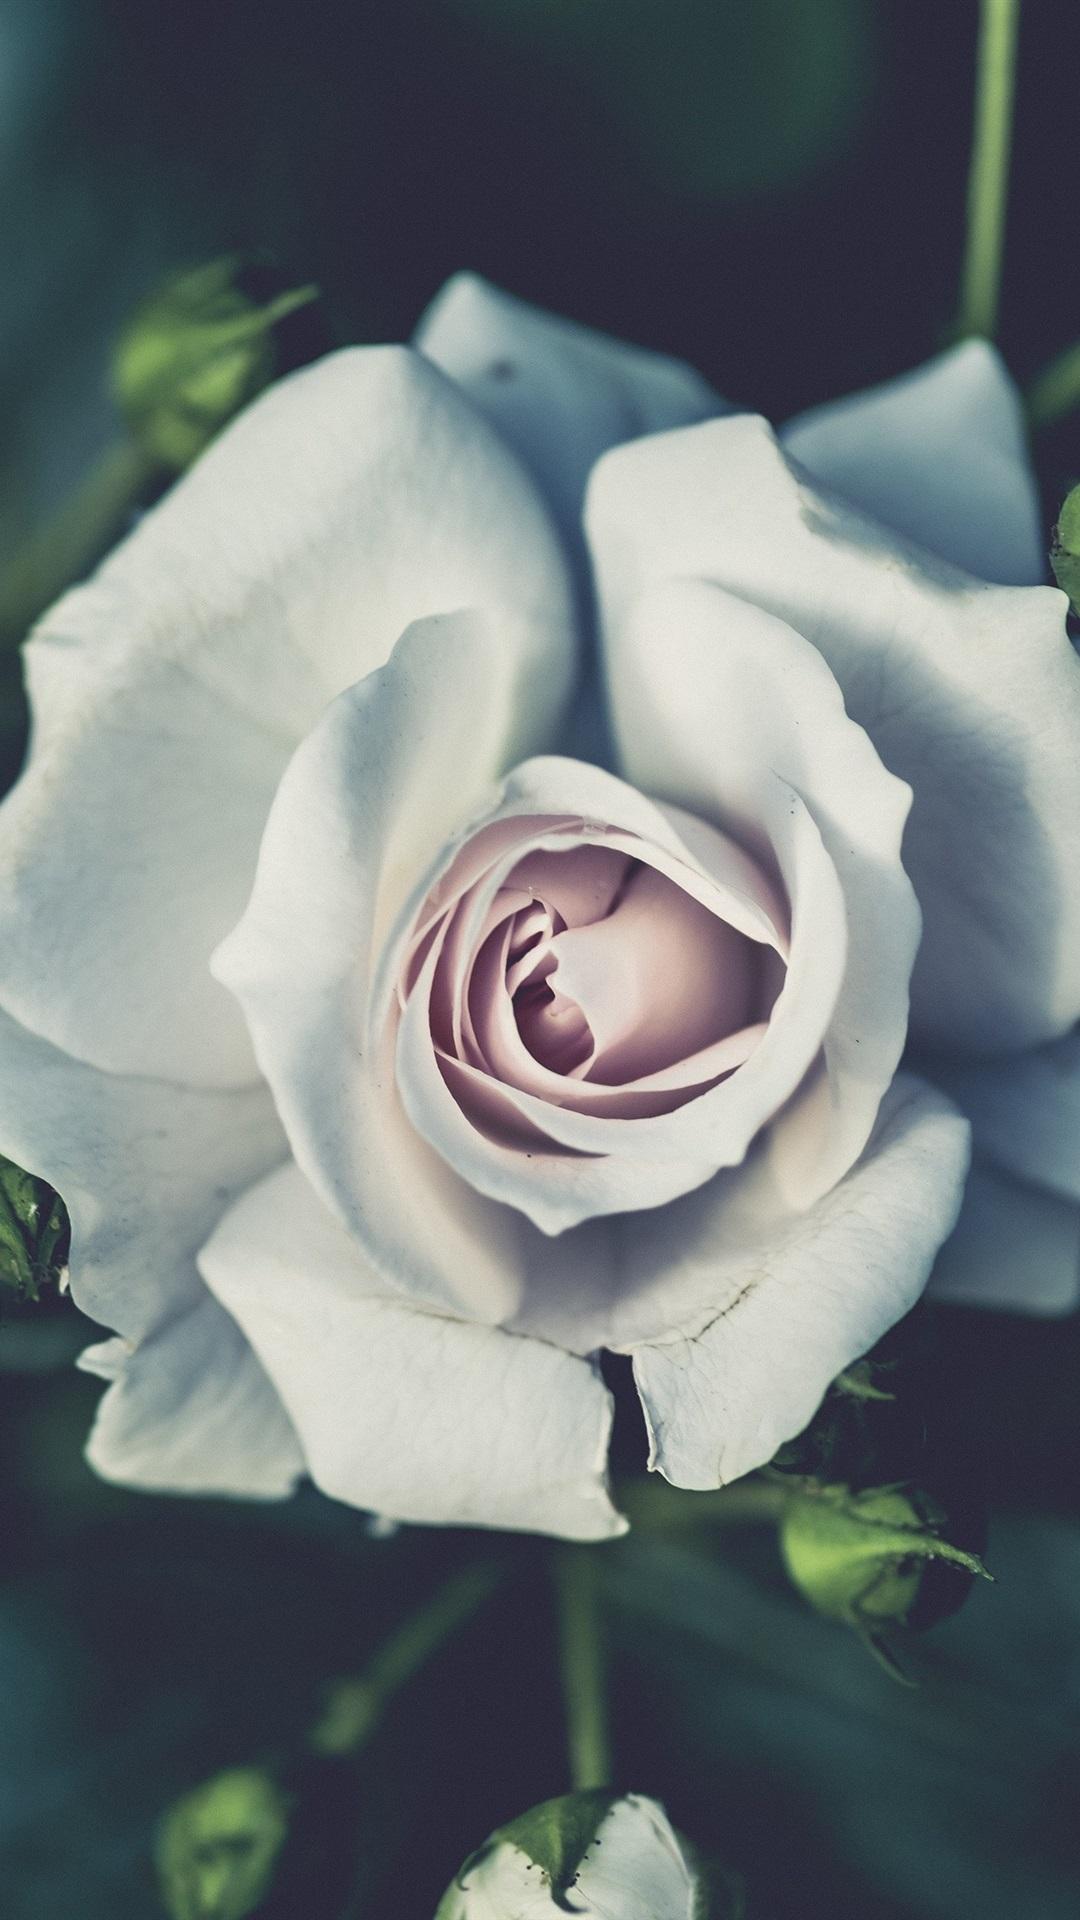 Hintergrundbilder weiße rosen Hintergrundbild Weiße